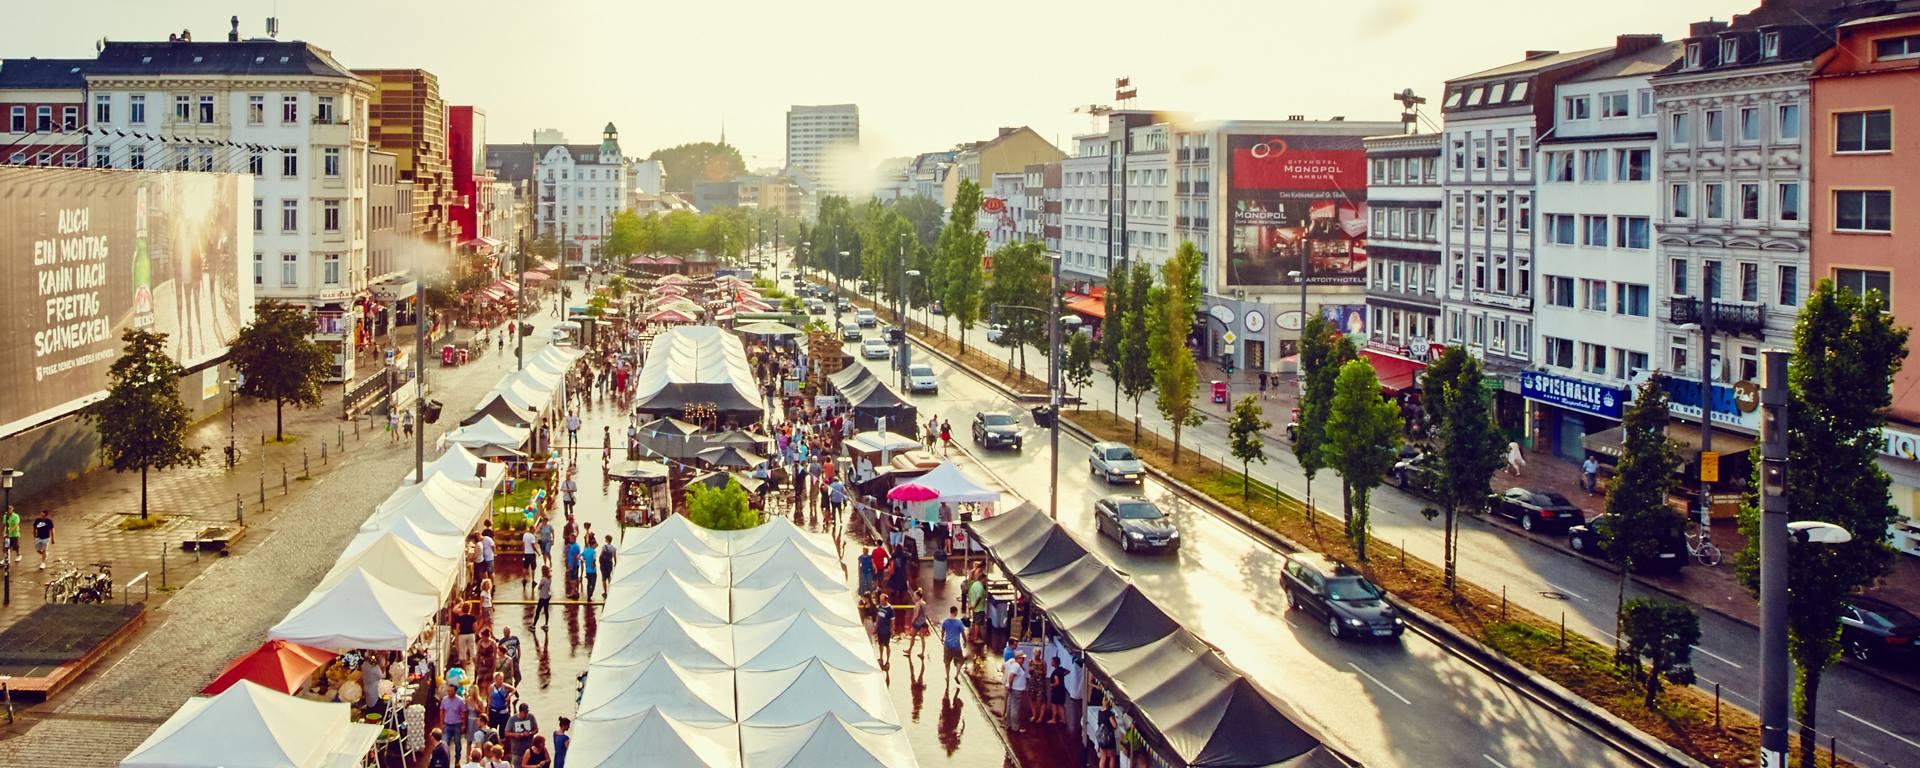 Der Viertel Meile Design Markt löst mal kurz das Partytreiben auf dem Kiez ab!